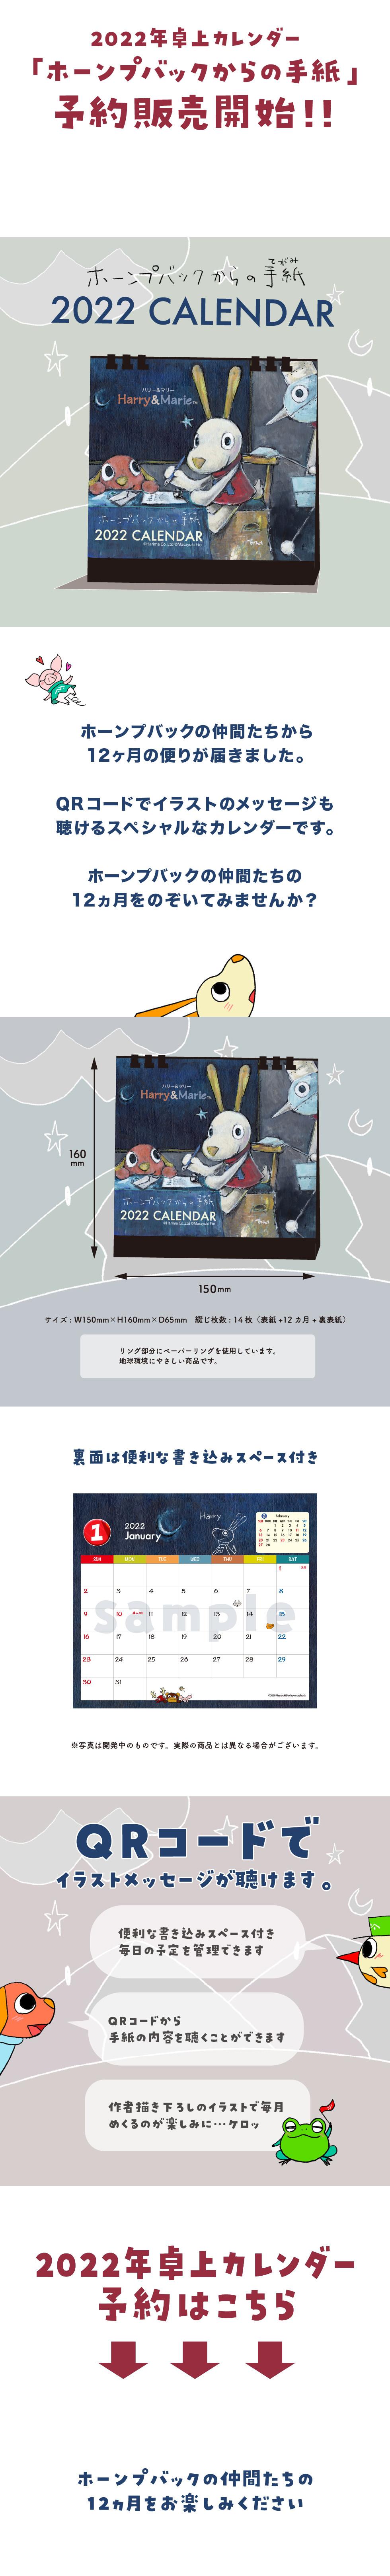 2022年卓上カレンダー.jpg